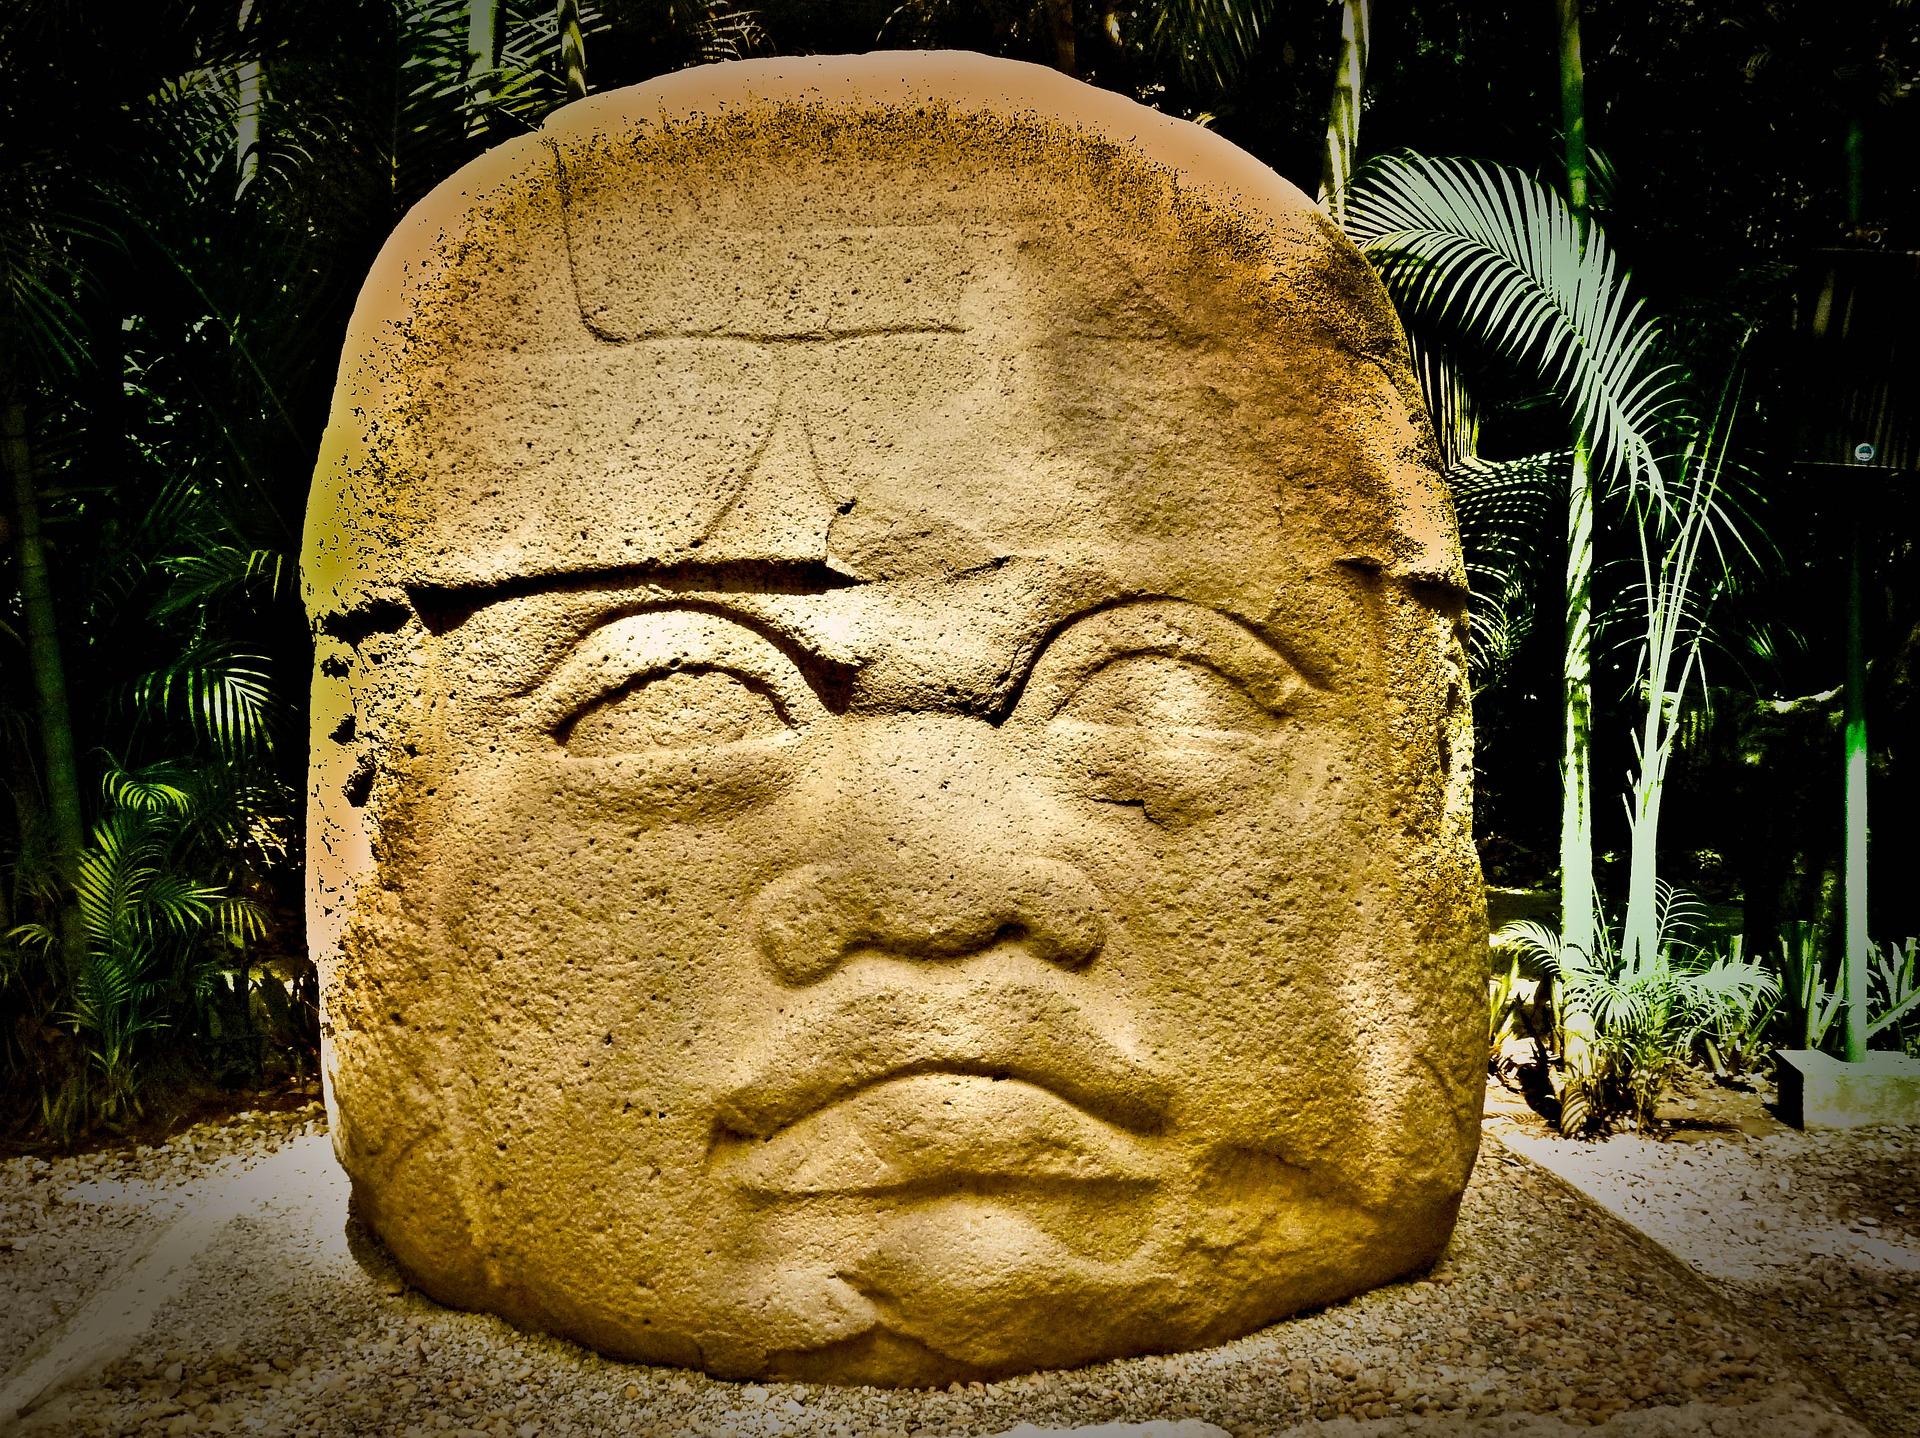 Les anciens peuples dans la Méso-Amérique connaissaient déjà le magnétisme.